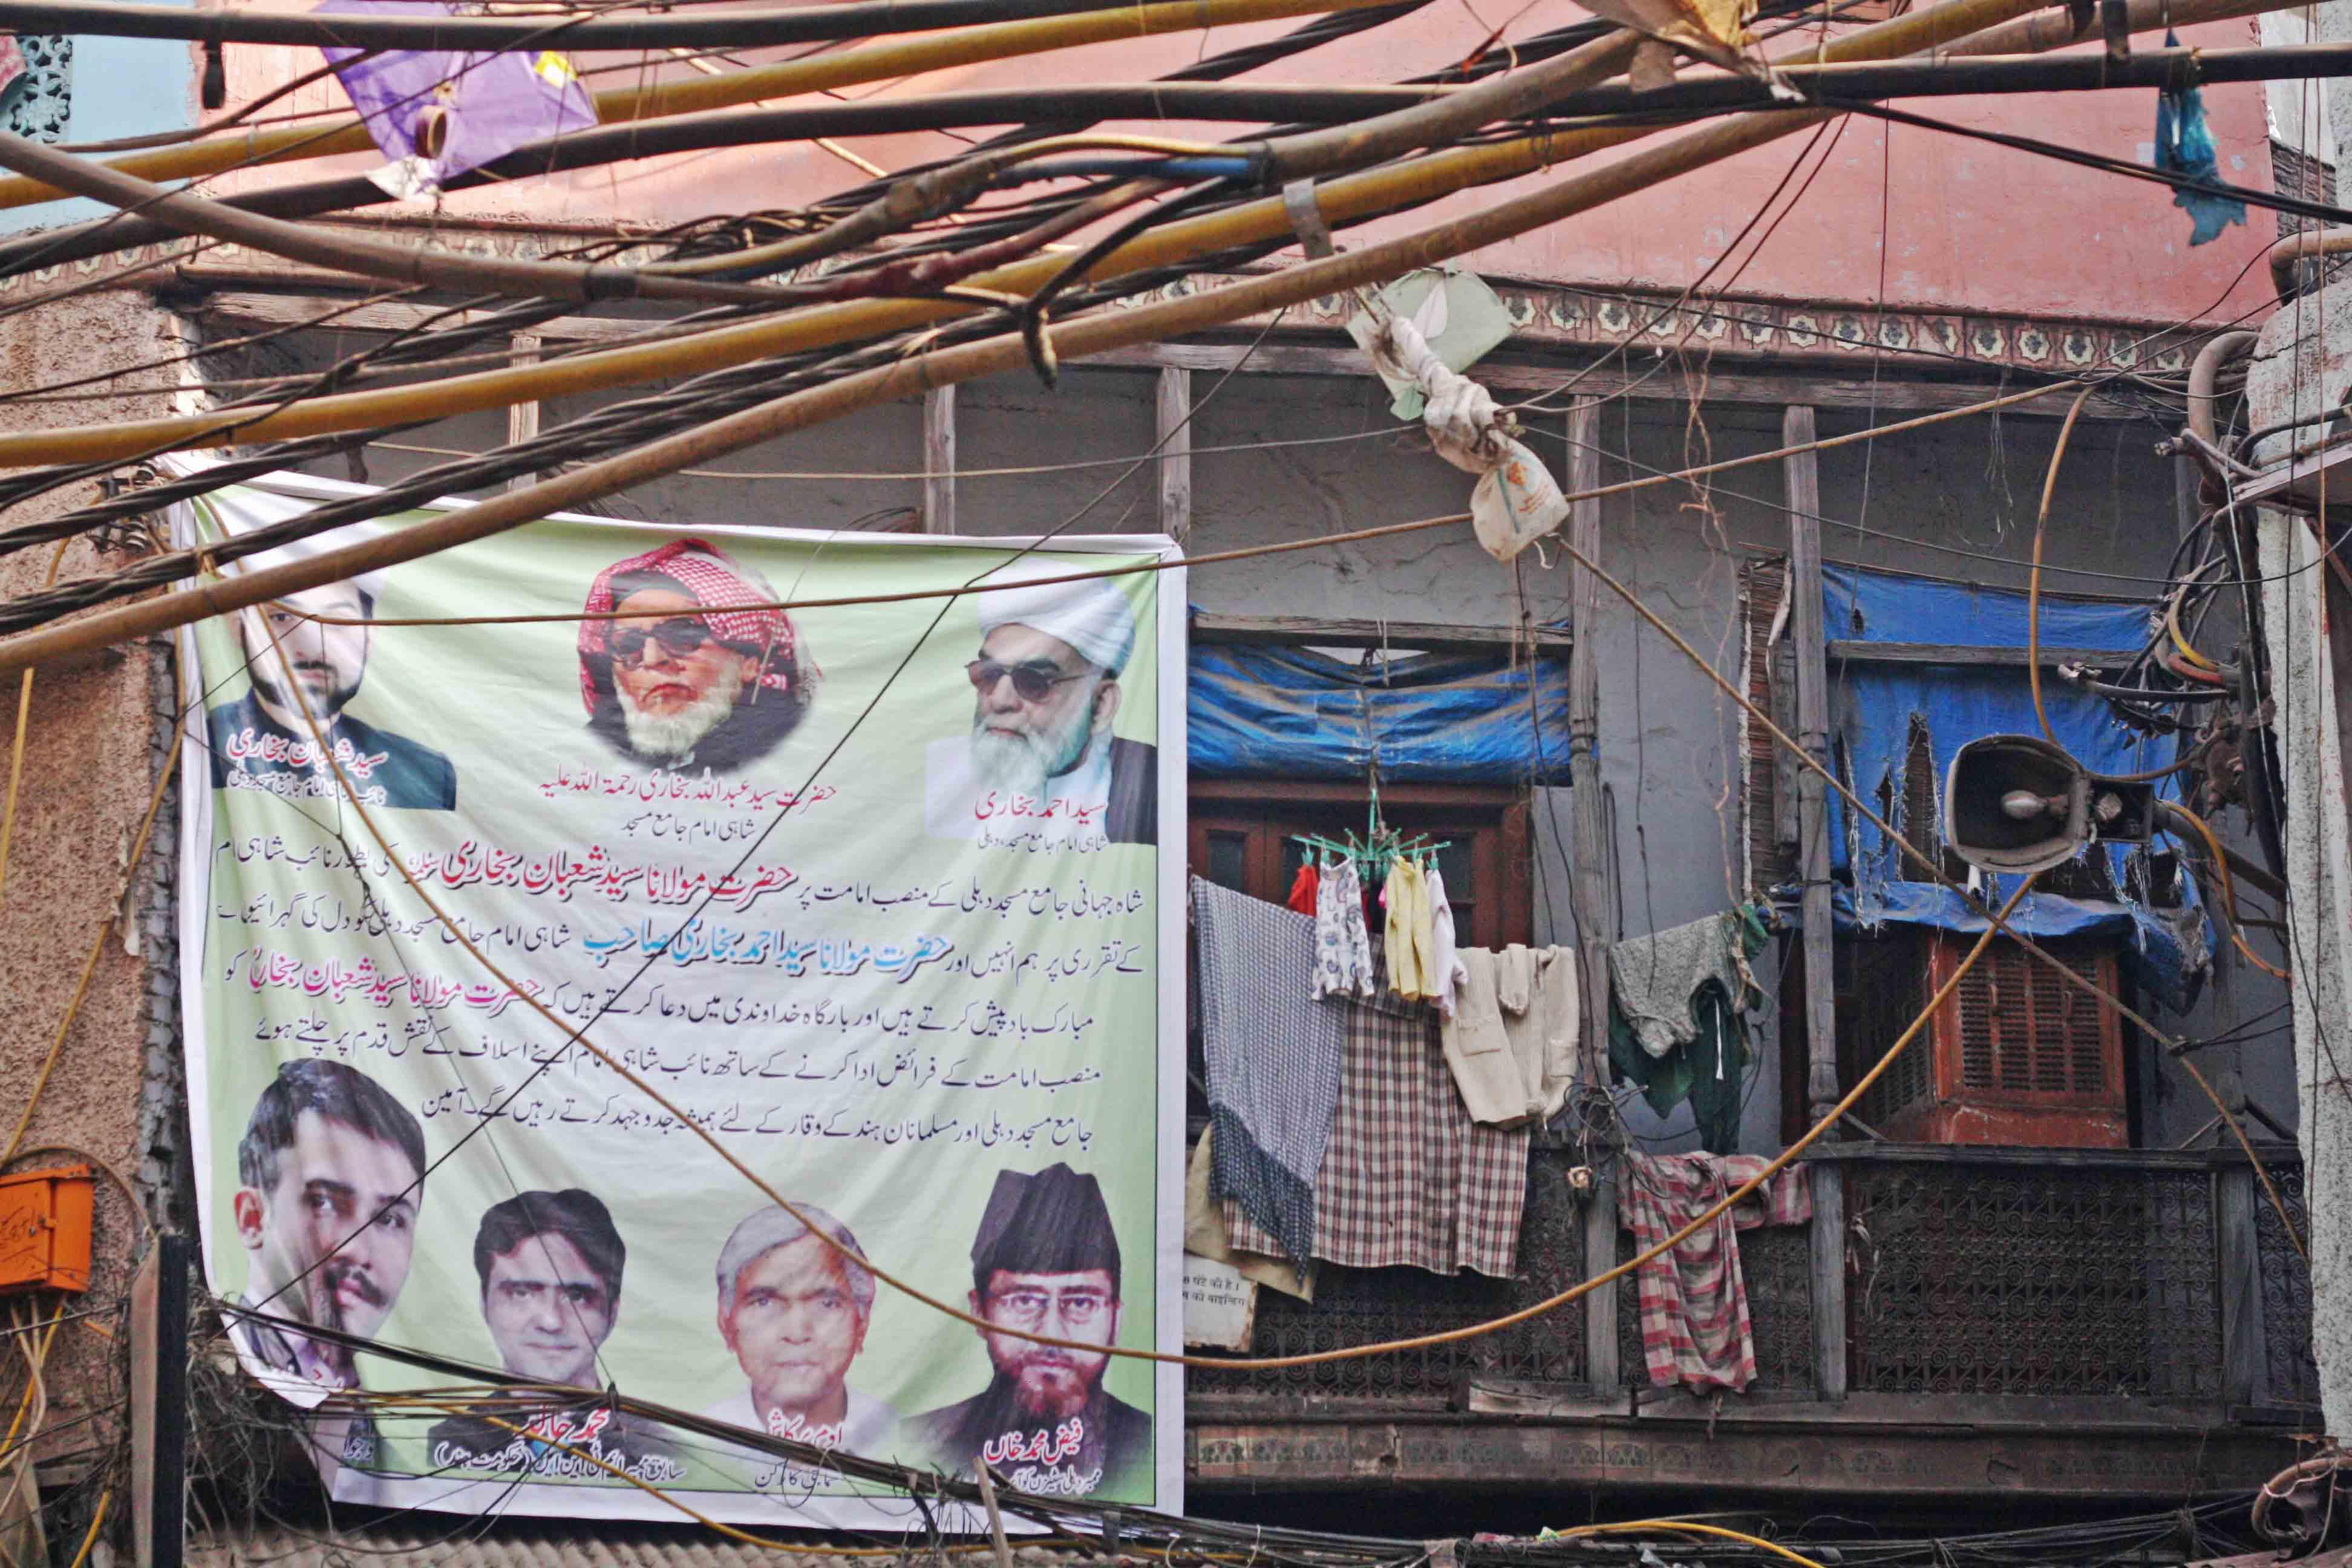 City List – Shahi Imams, Jama Masjid